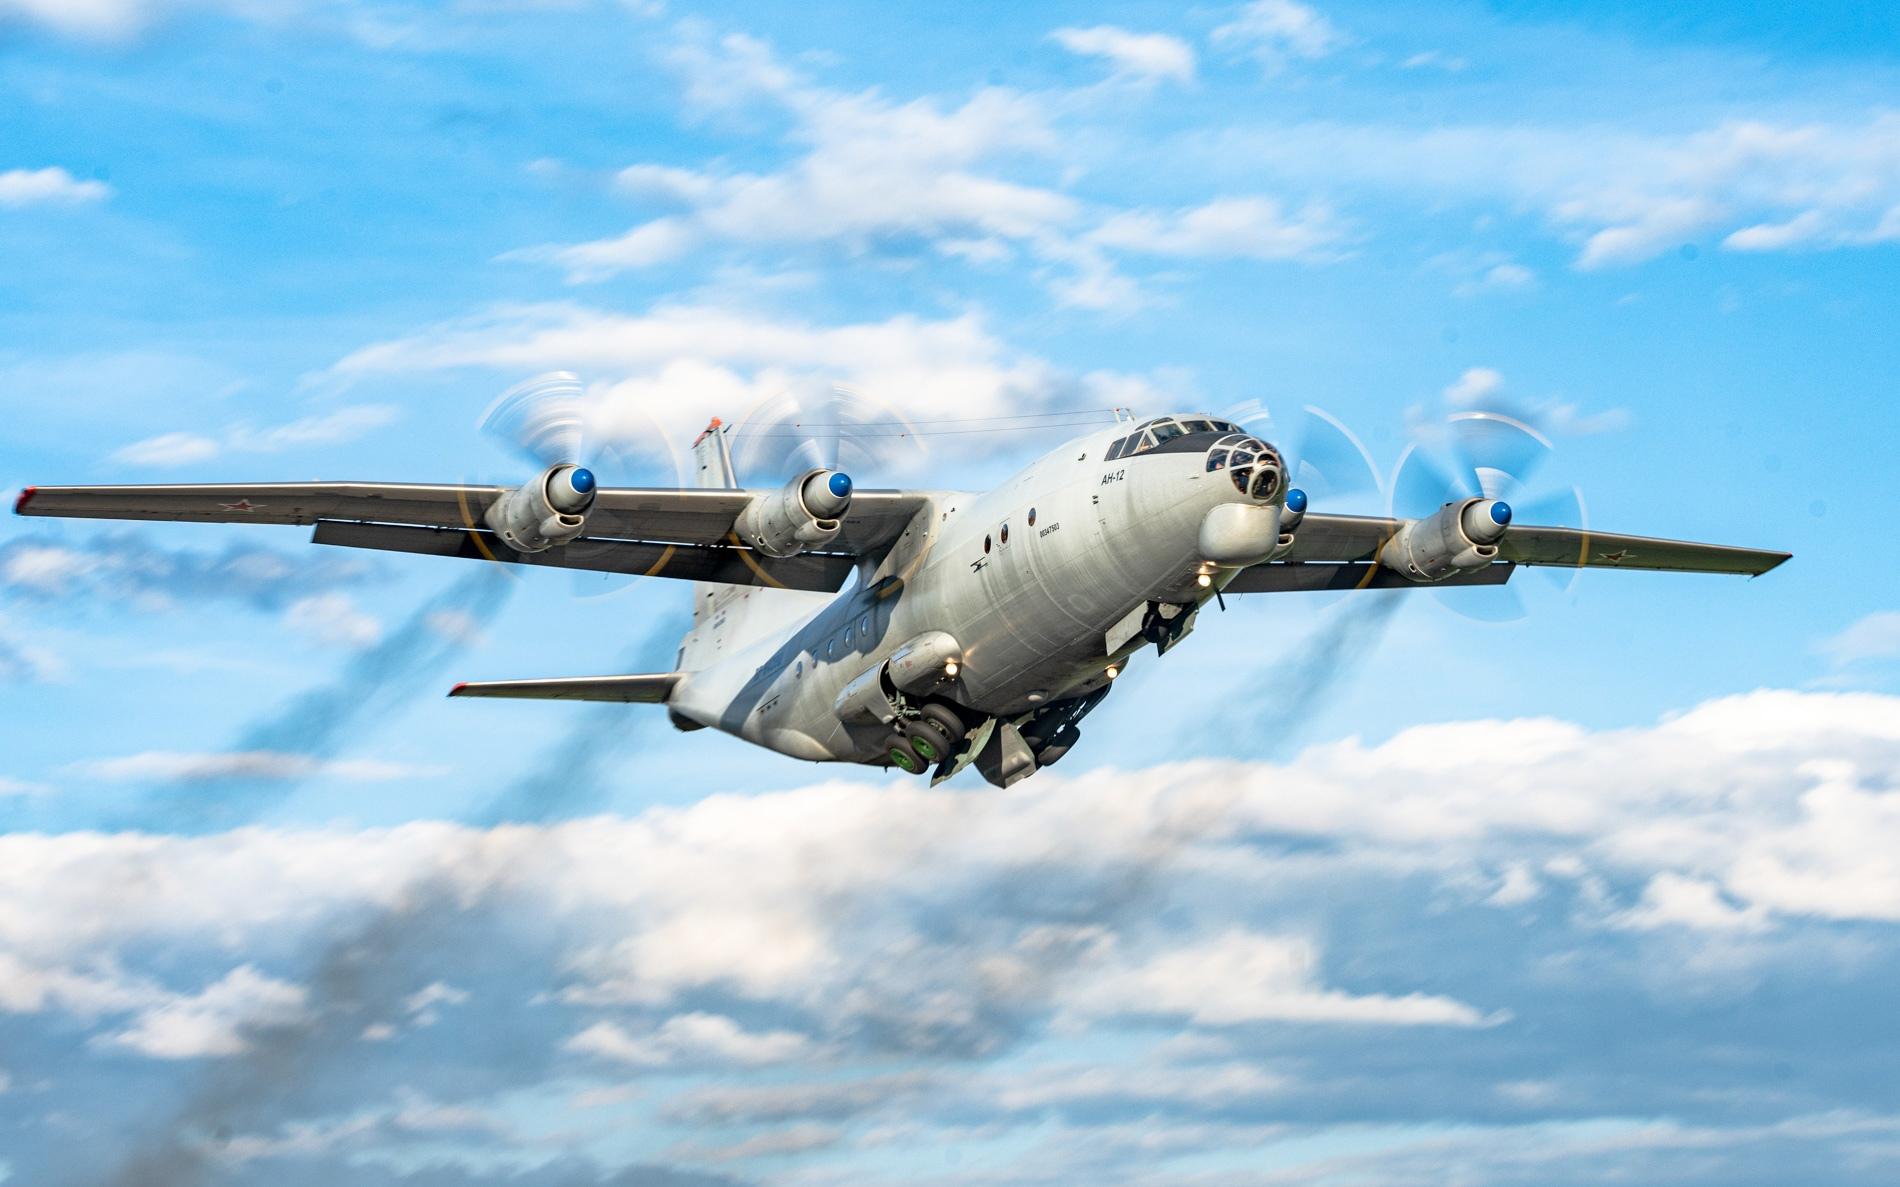 В небе над Тверью экипажи самолетов отработали противозенитный манёвр уклонения